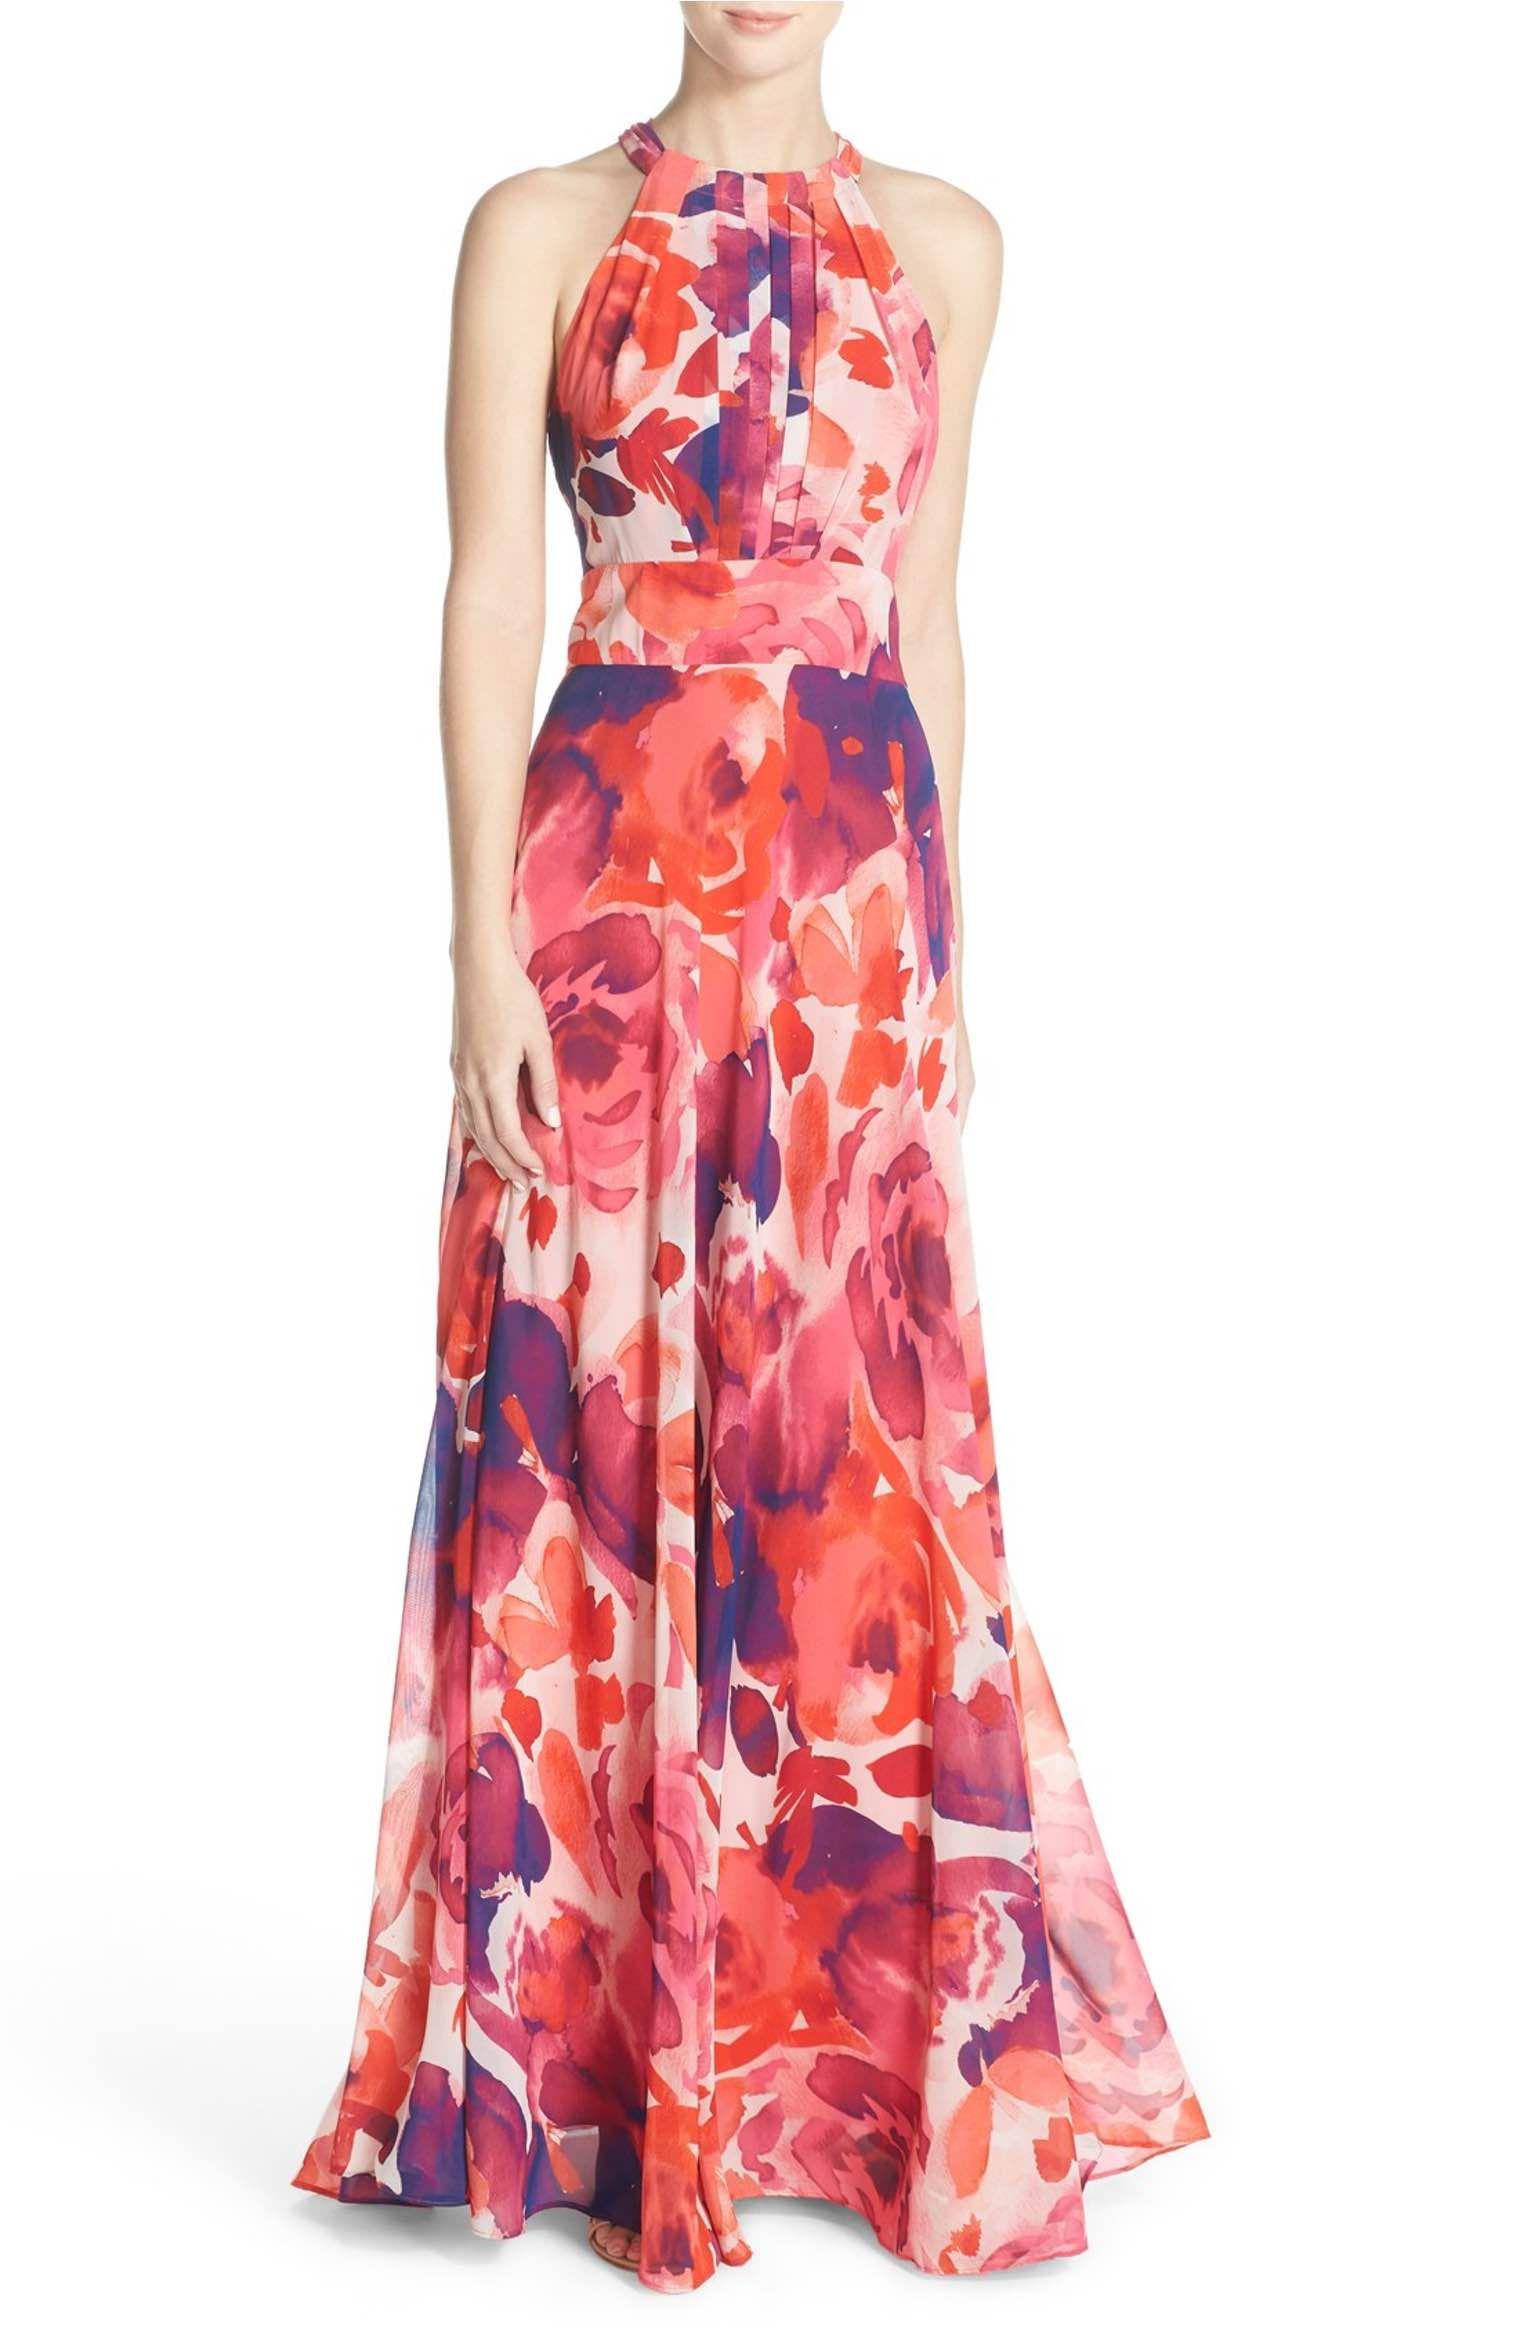 bcd7b6e83d5b Eliza J Floral Print Halter Maxi Dress | Pleated Dresses | Maxi ...